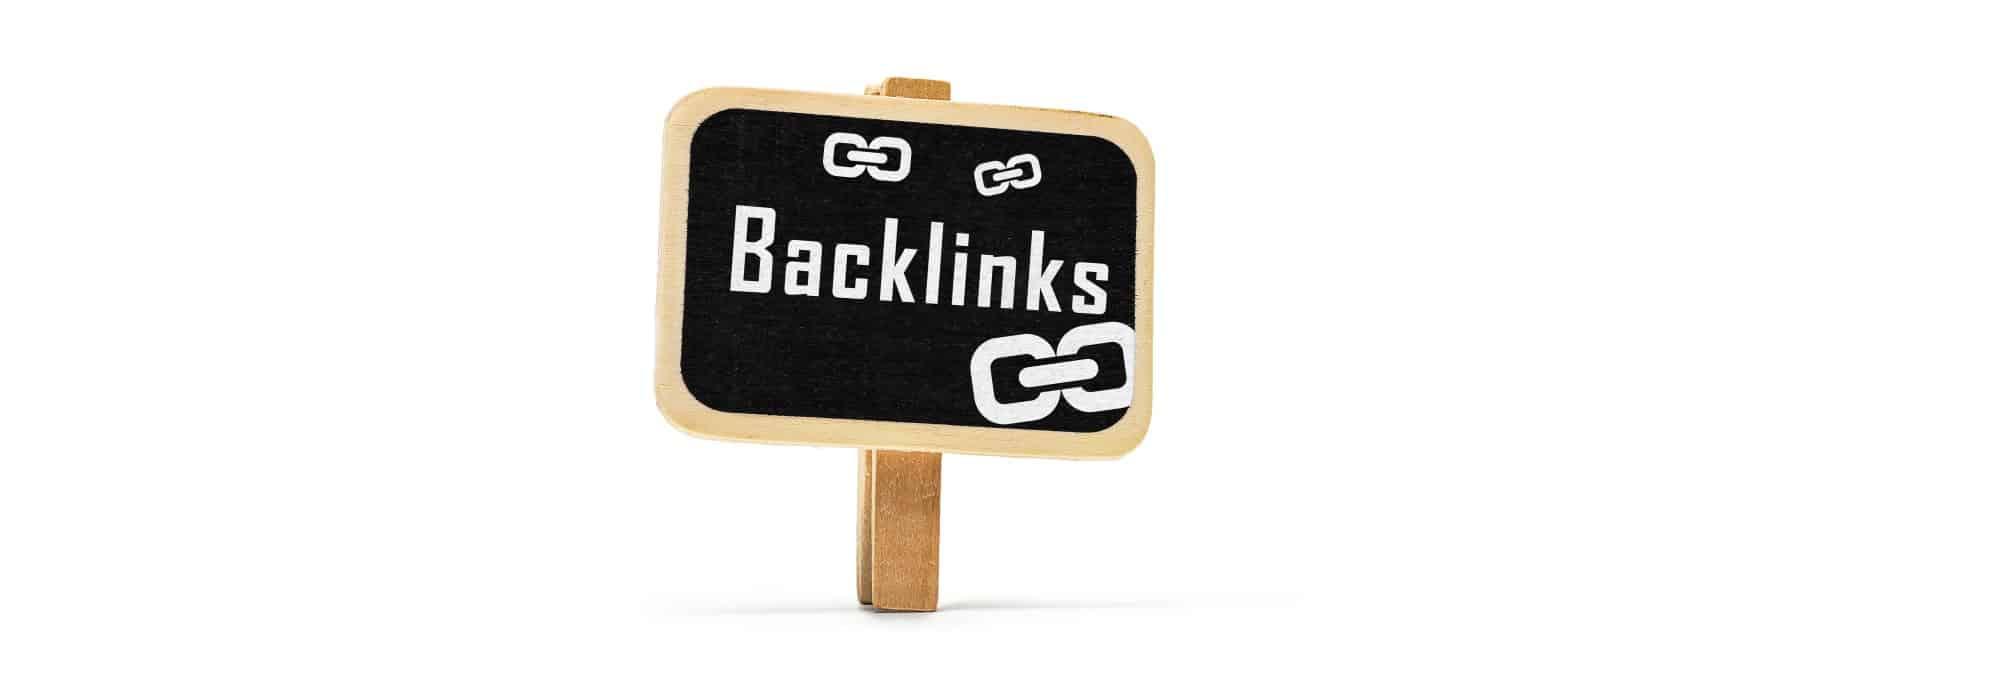 backlink over optimization